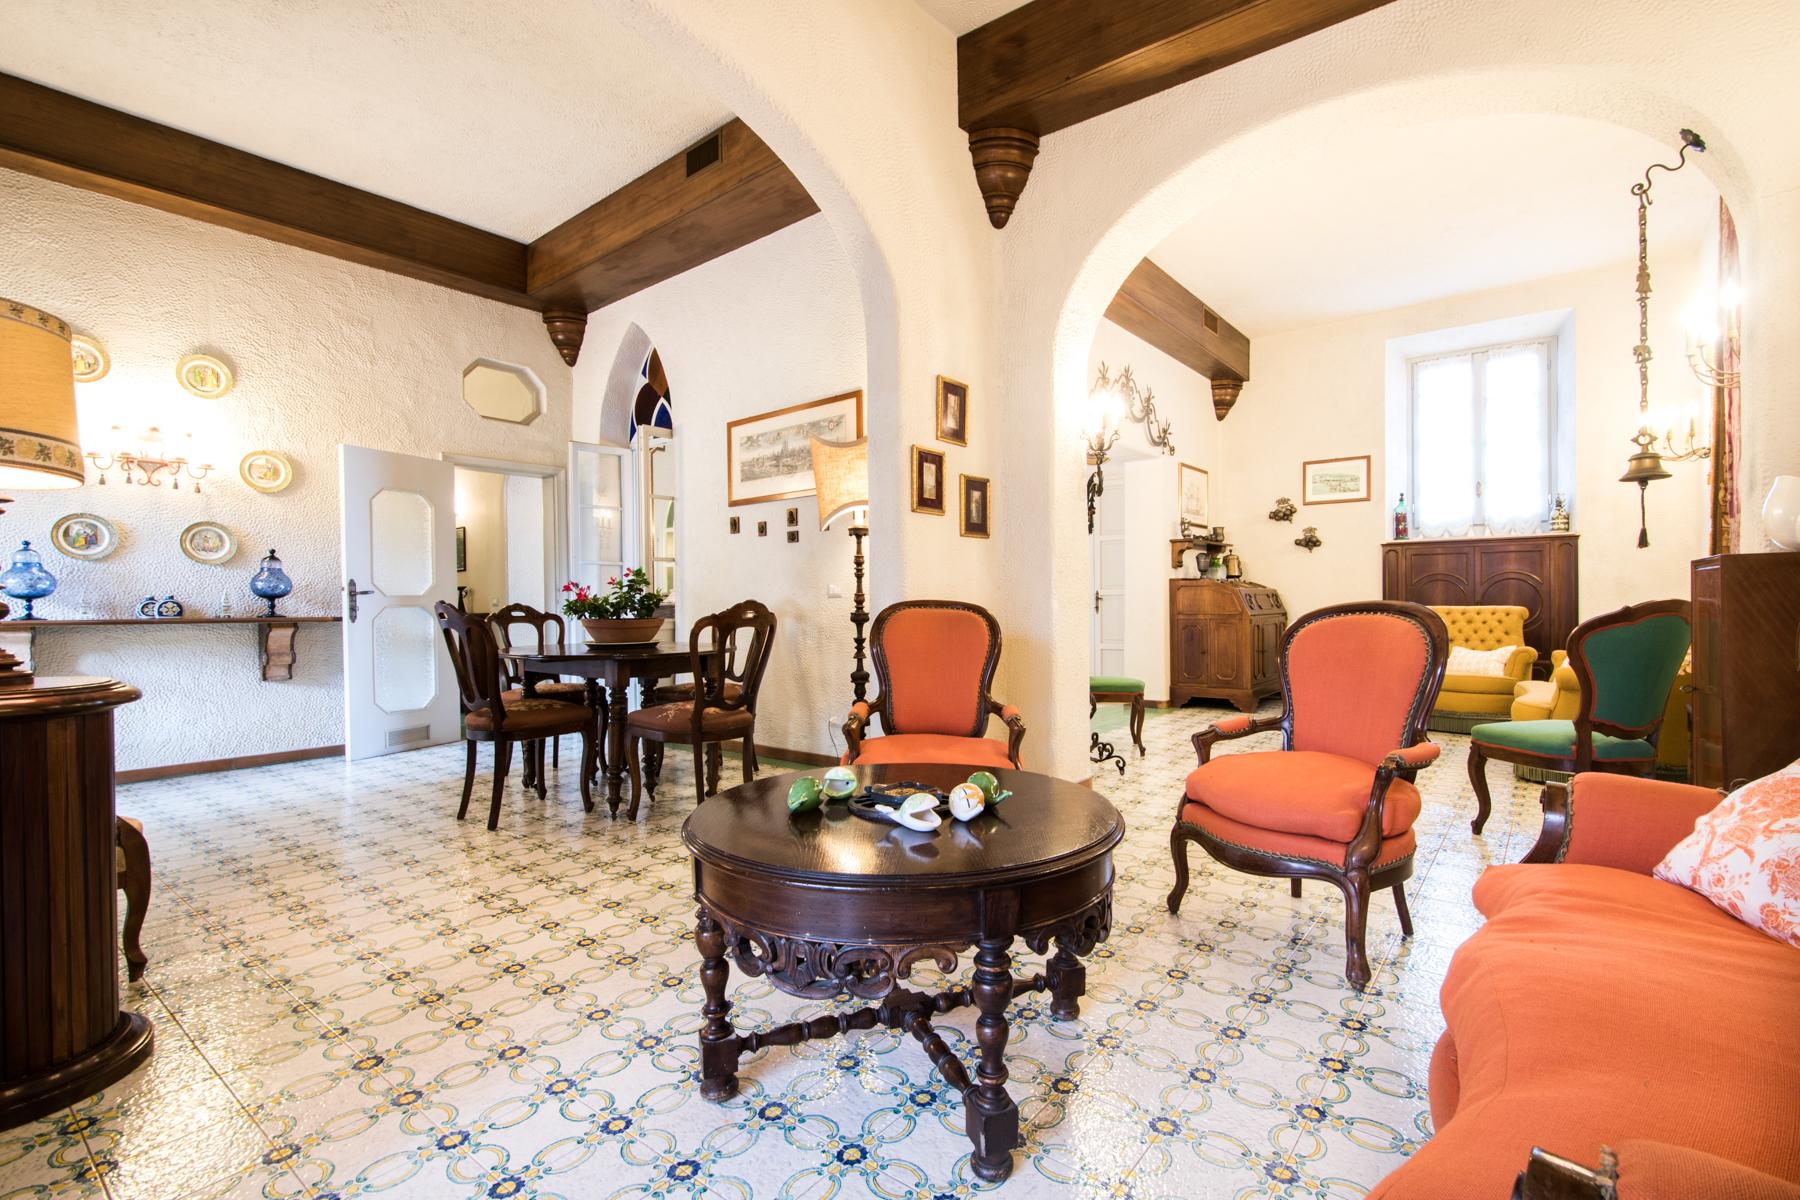 Additional photo for property listing at Beautiful Napoleon-era mansion in Elba Marciana Marina Marciana Marina, Livorno 57033 Italien